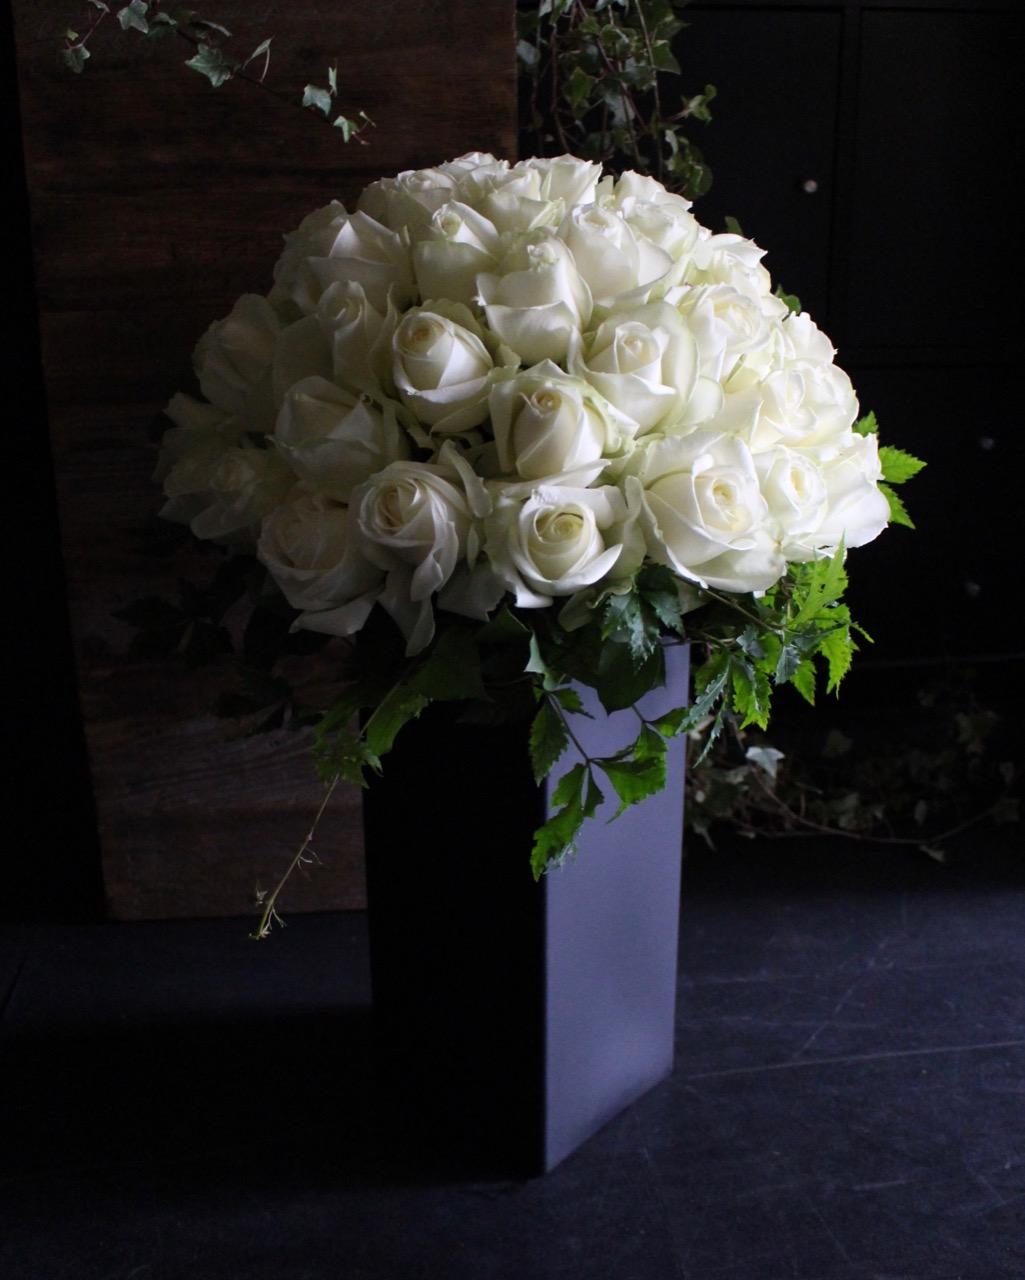 ★ 黒白 ~ 黒円柱の花器に白バラをアレンジ ~ [ アレンジメント  Special ]  都心エリア限定配送